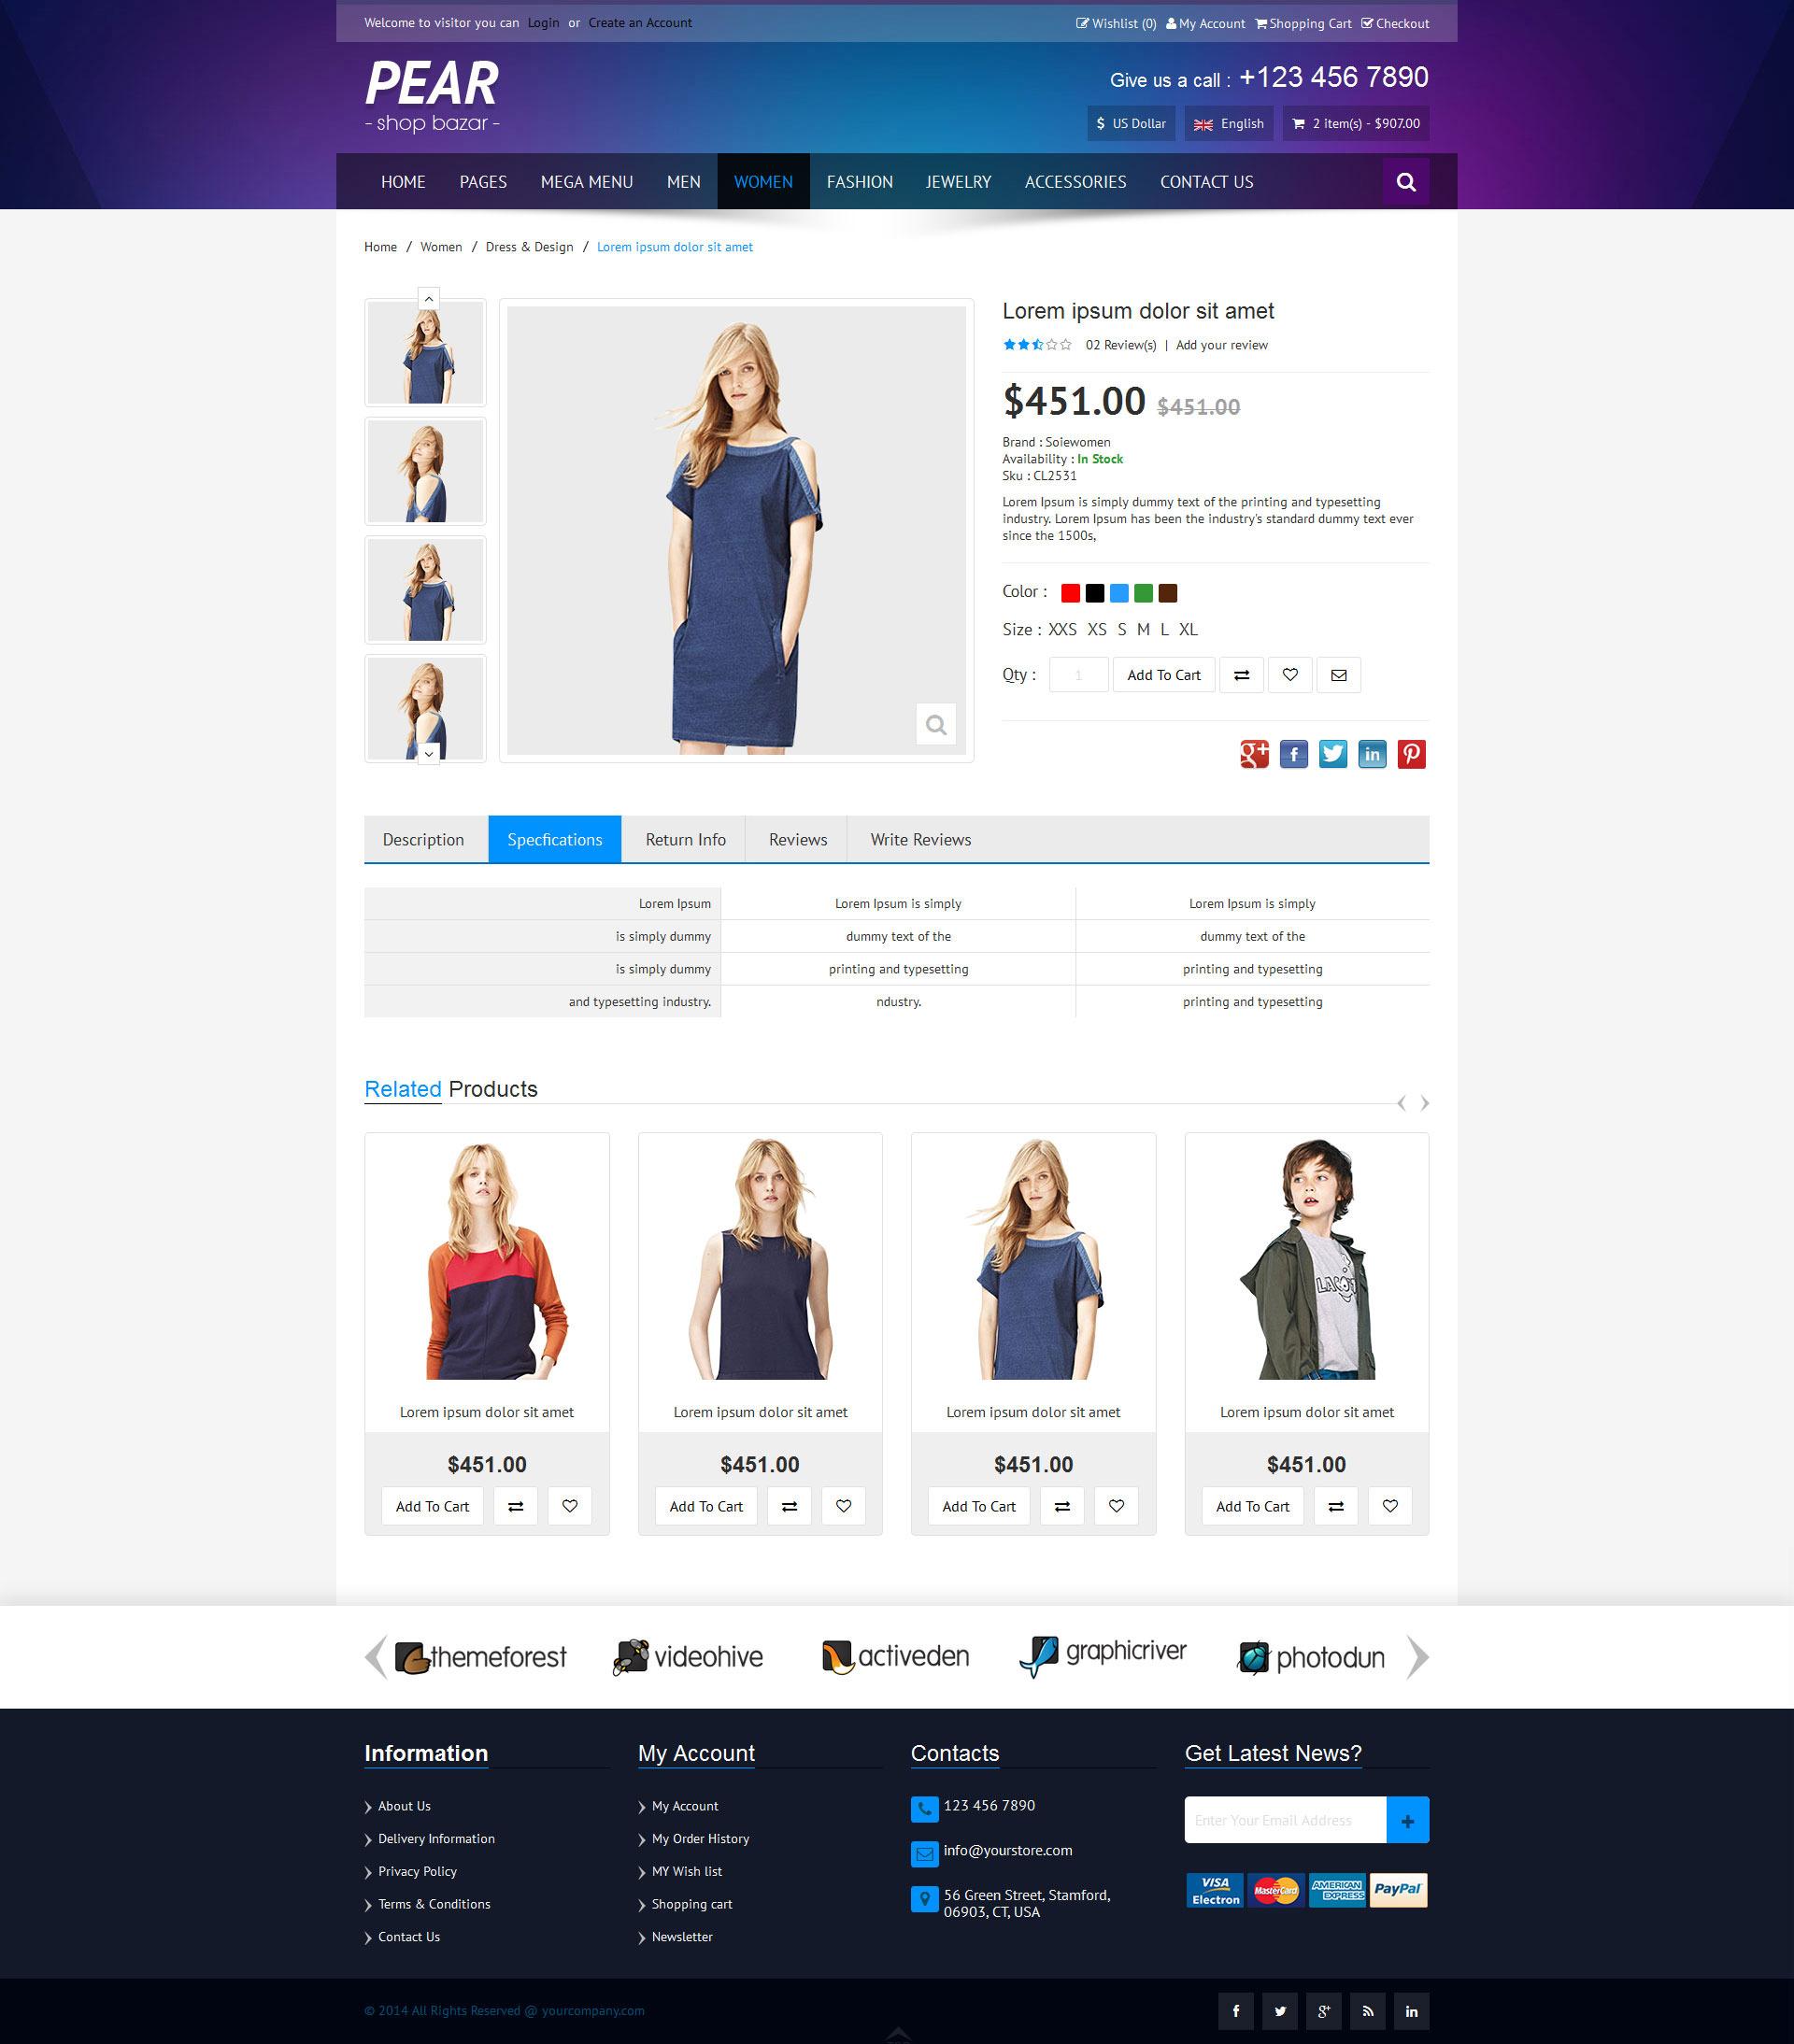 Pear - Responsive E-Commerce HTML Template V1.1